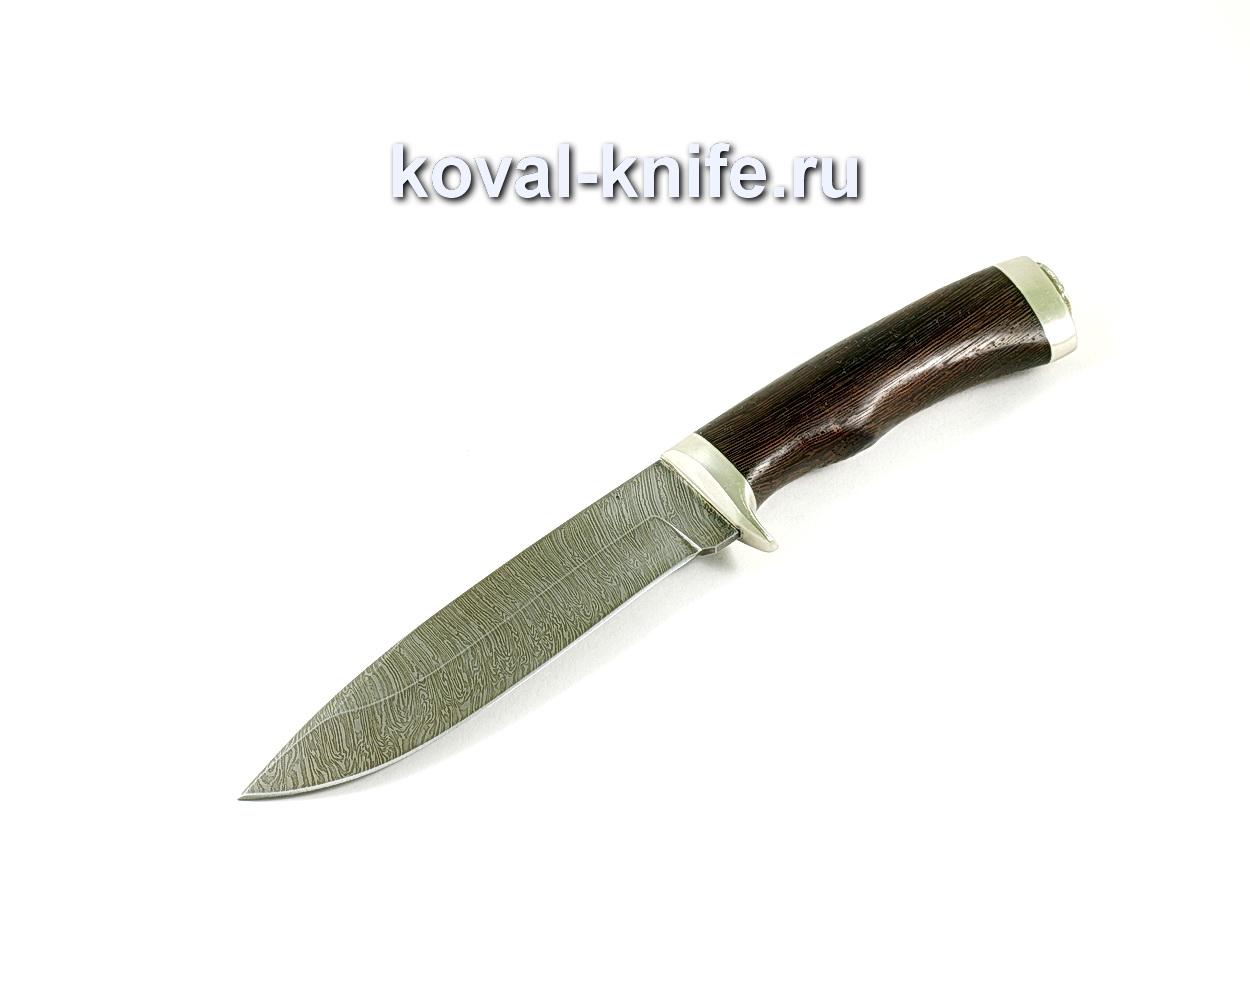 Нож Олимп (сталь Дамасская), рукоять венге, литье A232